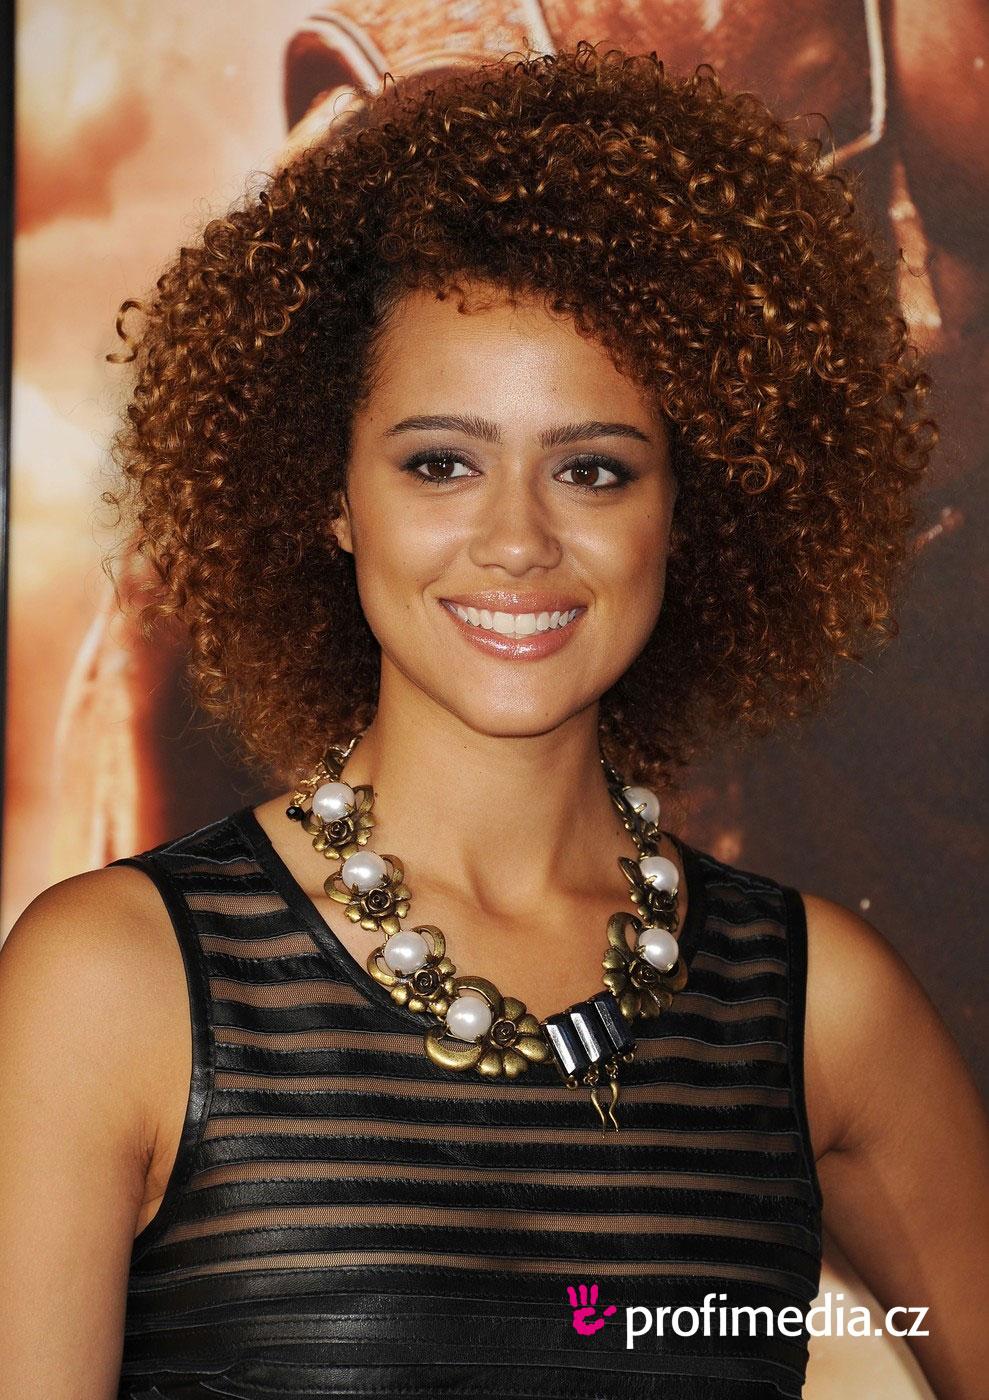 Nathalie Emmanuel Hairstyle Easyhairstyler